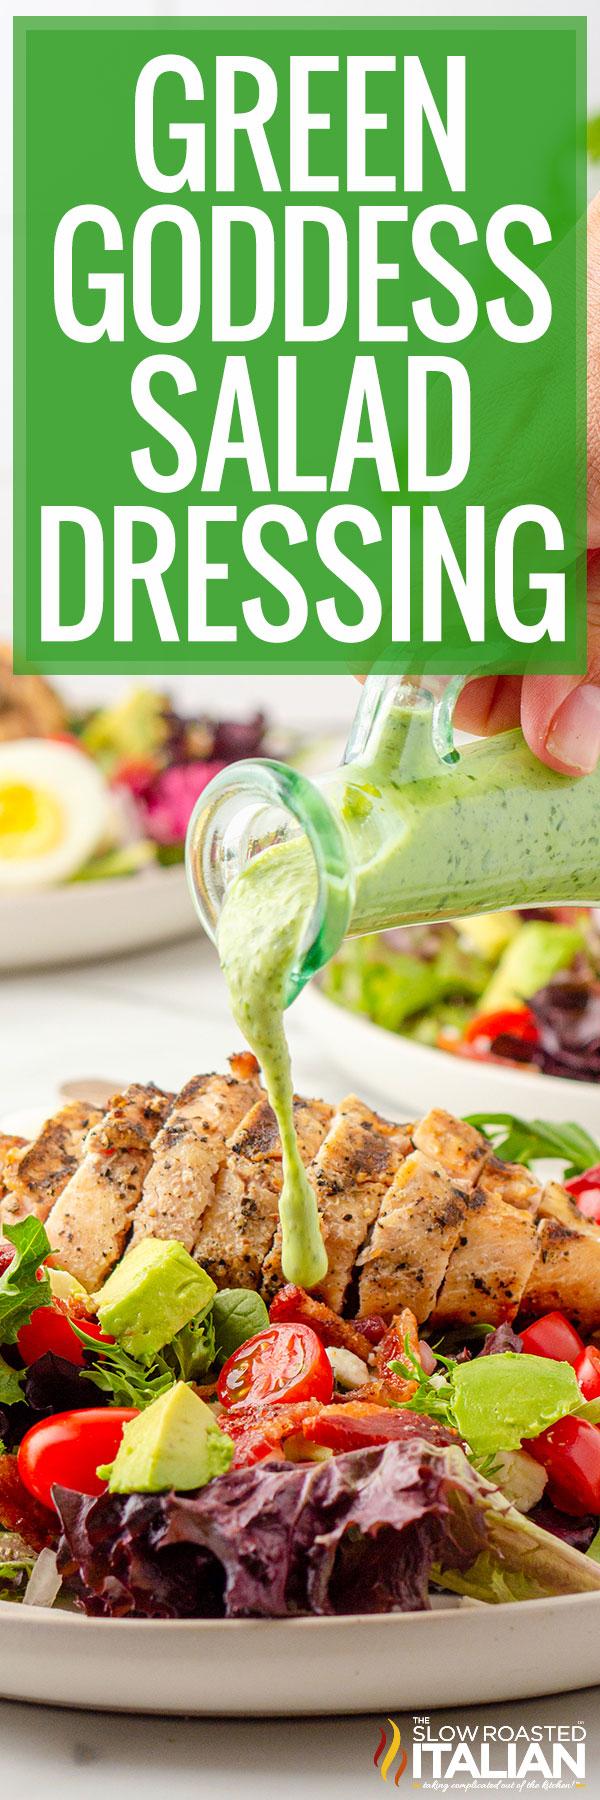 Green goddess salad dressing poured over a salad